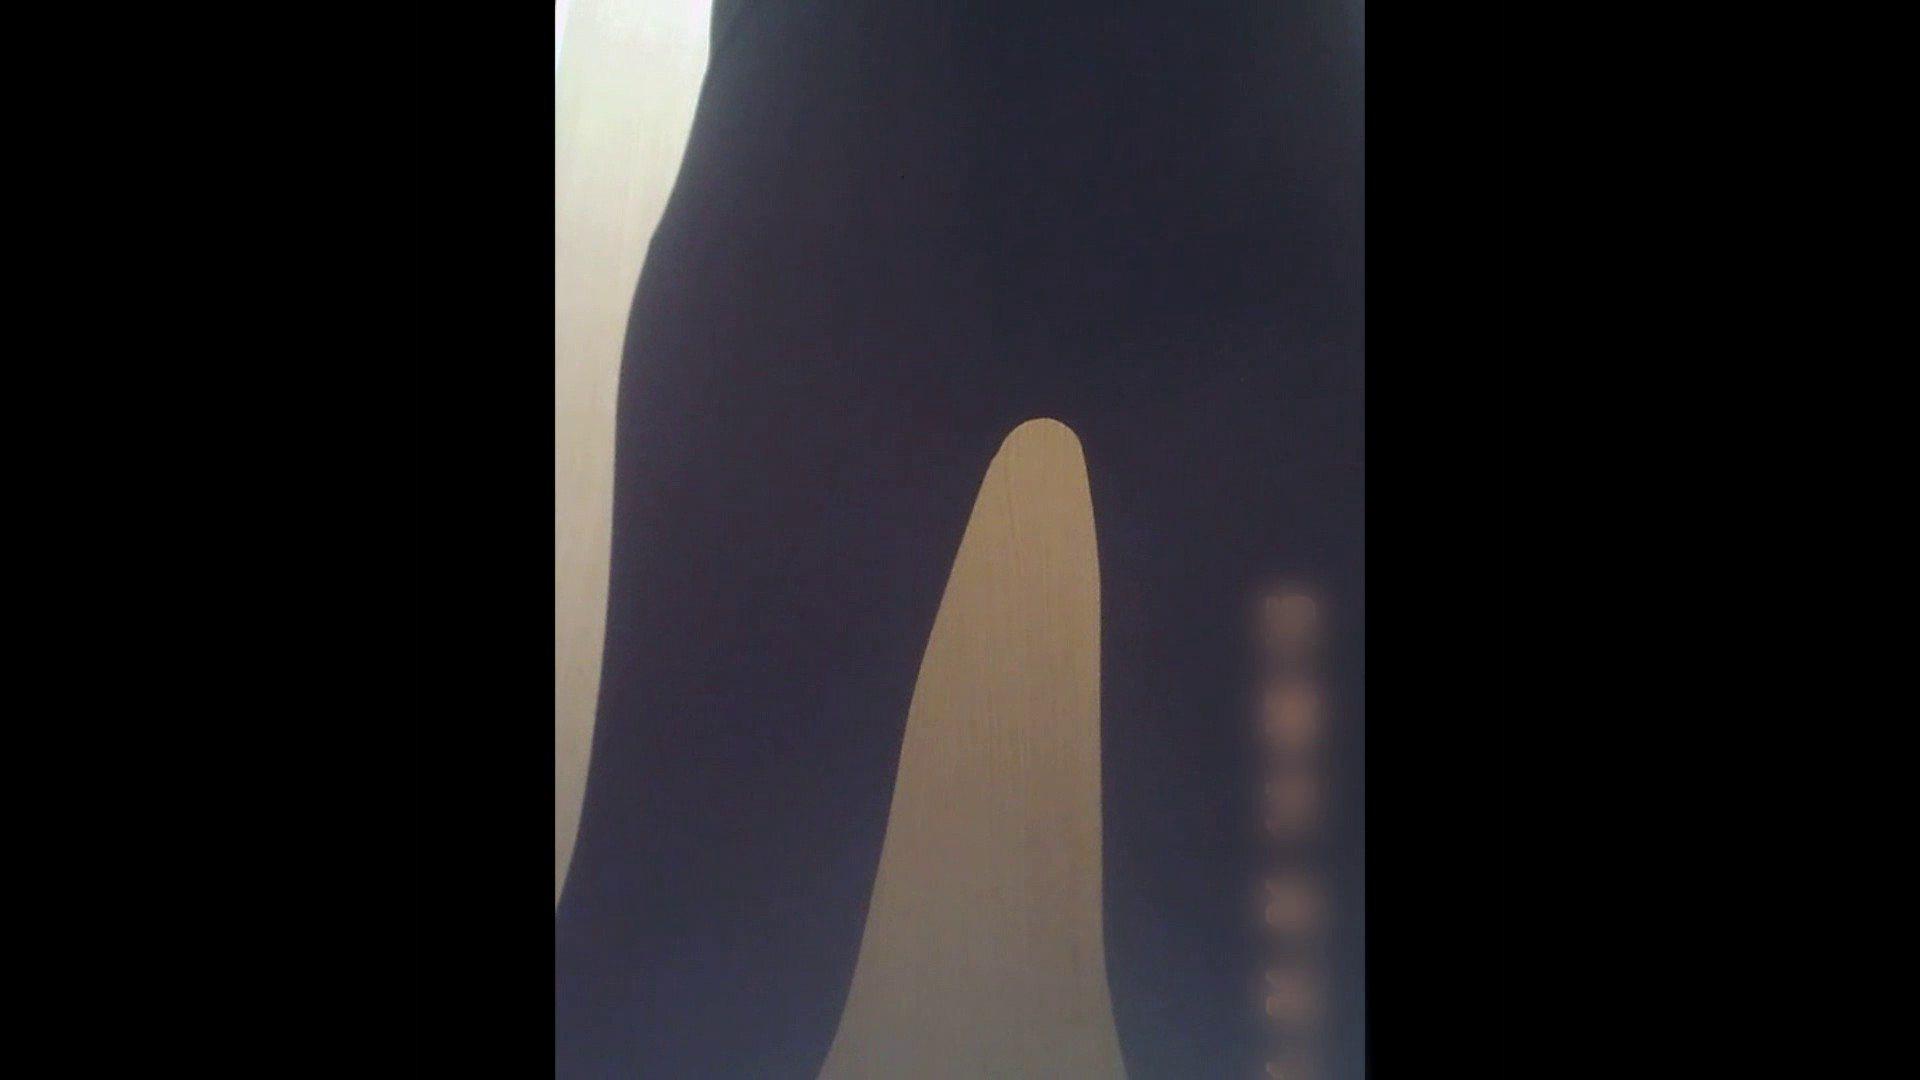 潜入!!韓国秘密のトイレ!Vol.04 美女OL | 独占盗撮  85連発 77